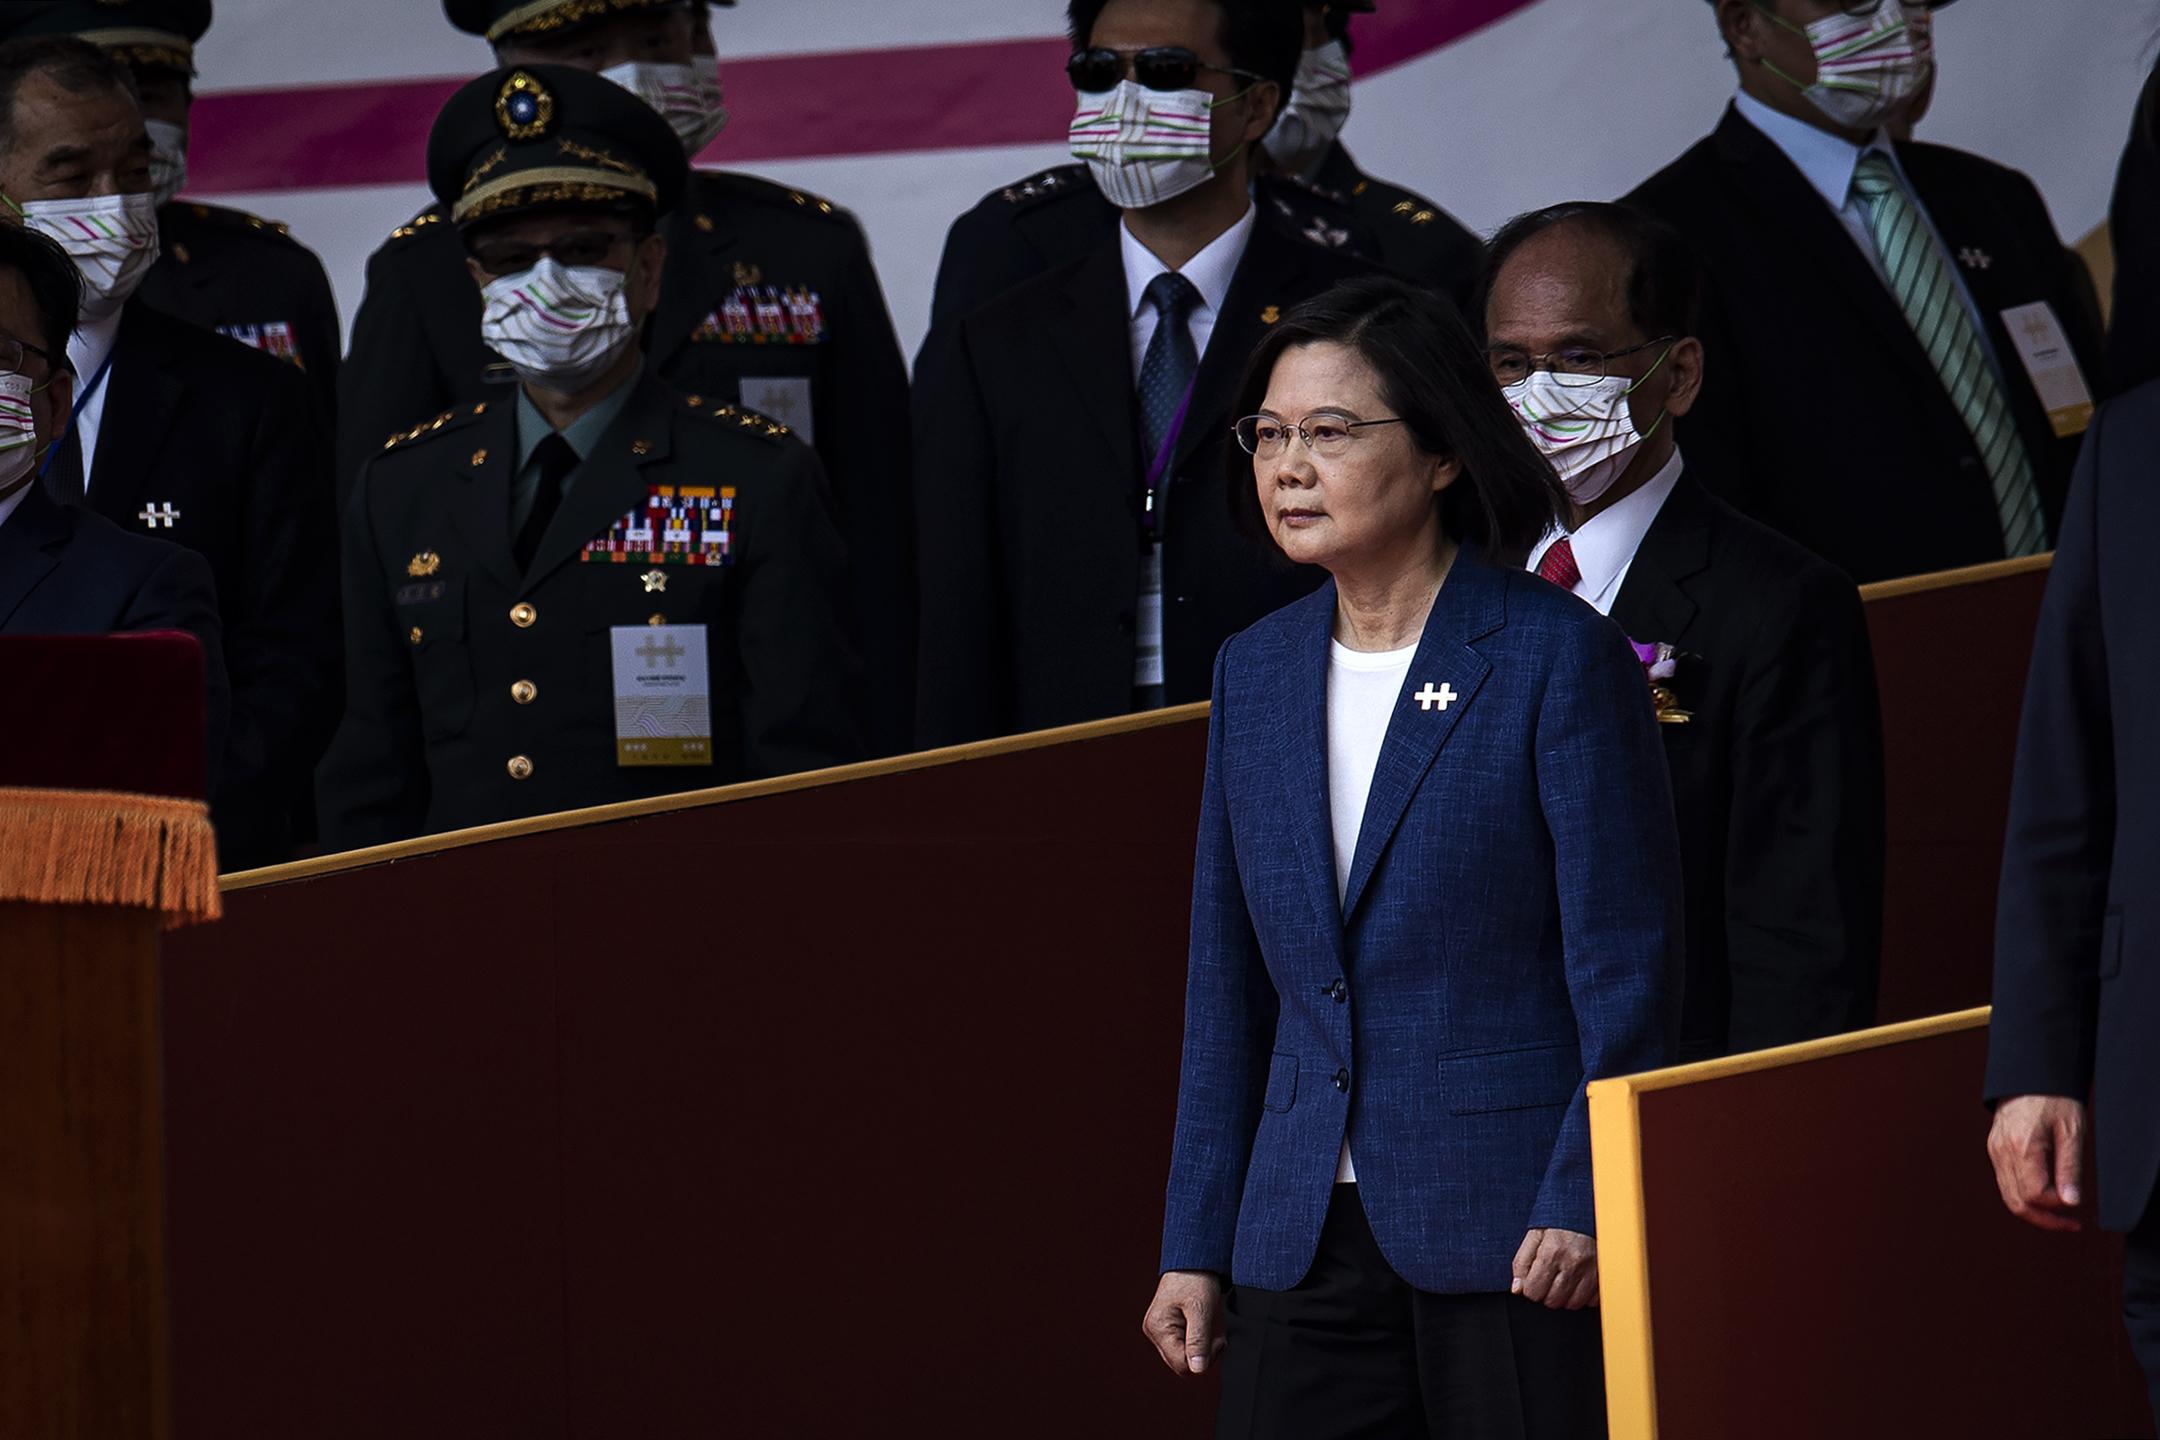 2021年10月10日台北,蔡英文總統於雙十國慶發表講話。 攝:陳焯煇/端傳媒